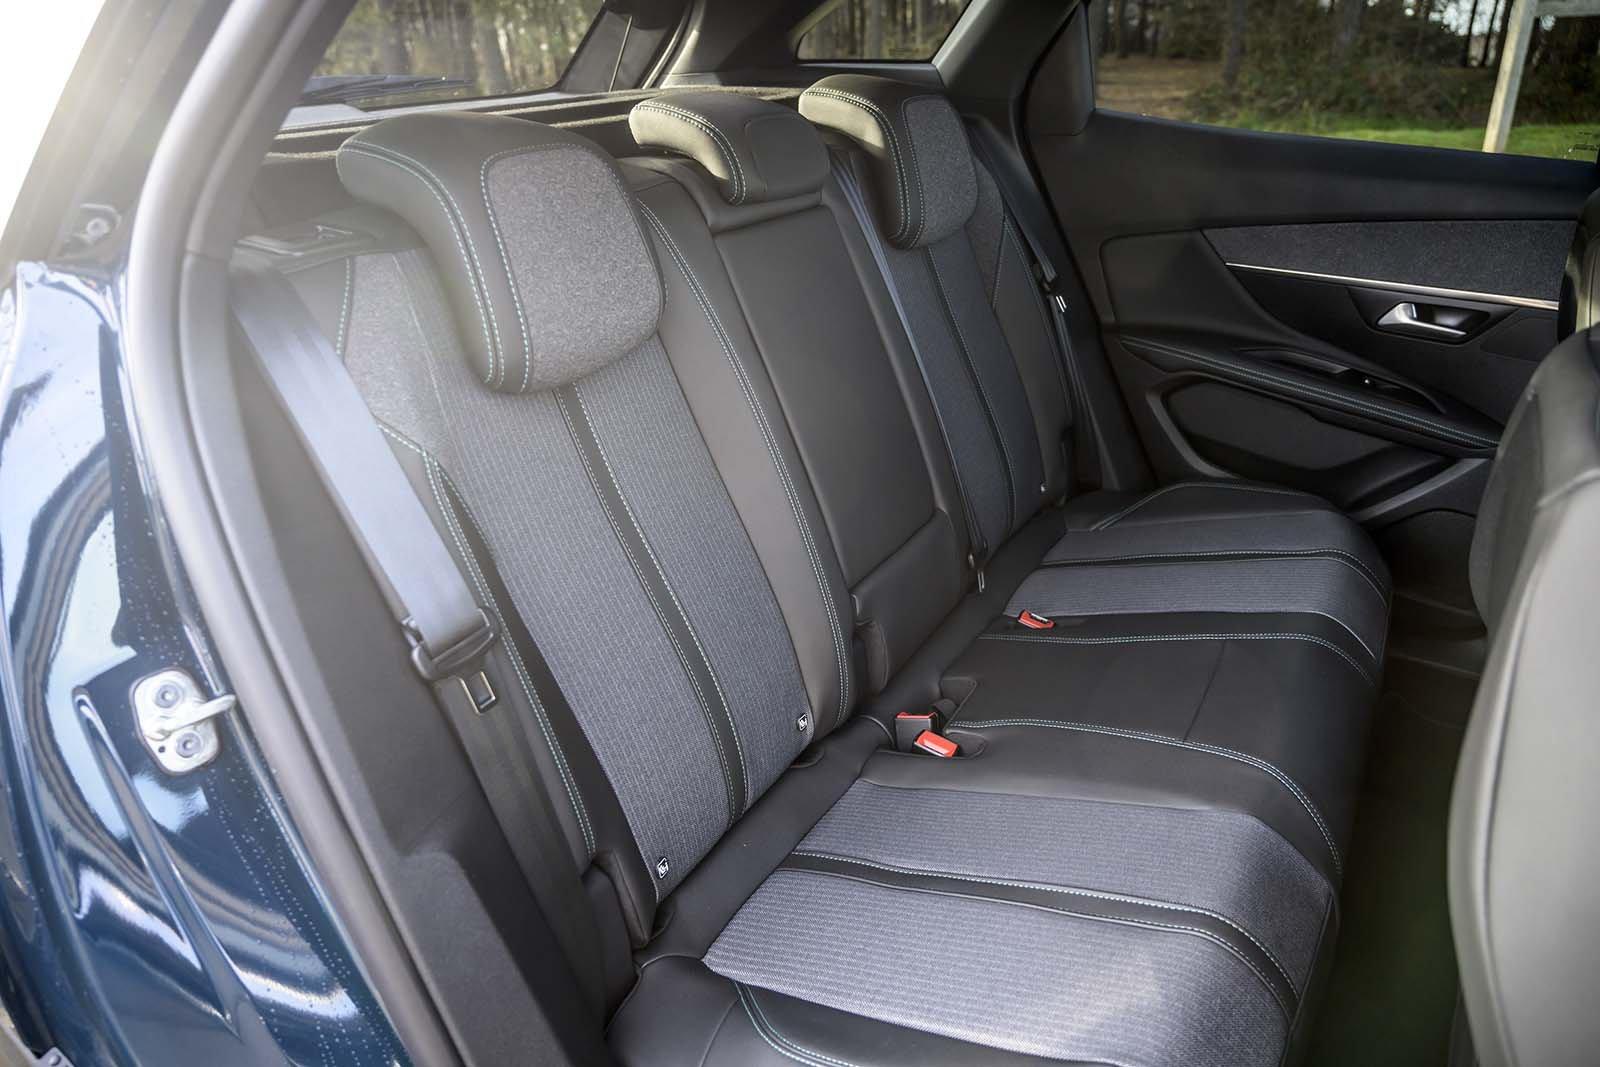 Peugeot 3008 2020 Rear seats